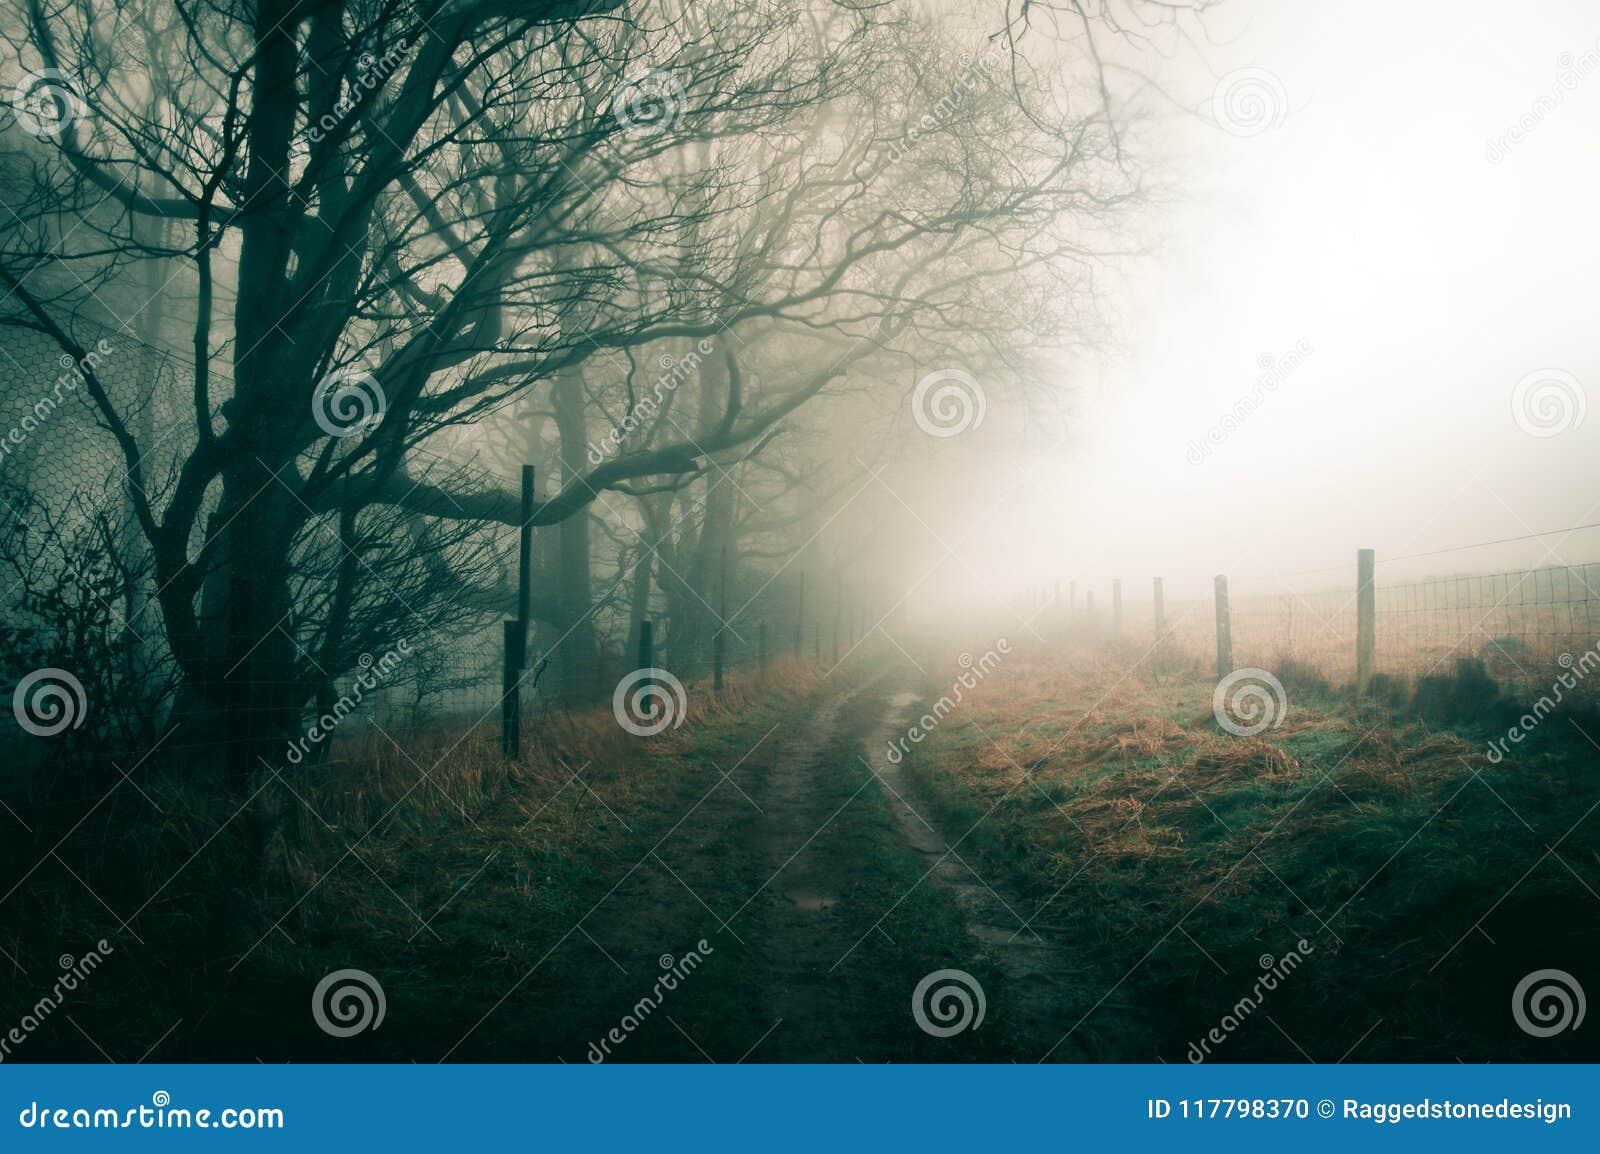 Um dia de invernos nevoento atmosférico com um trajeto que segue a borda da floresta, com um temperamental desaturated edita